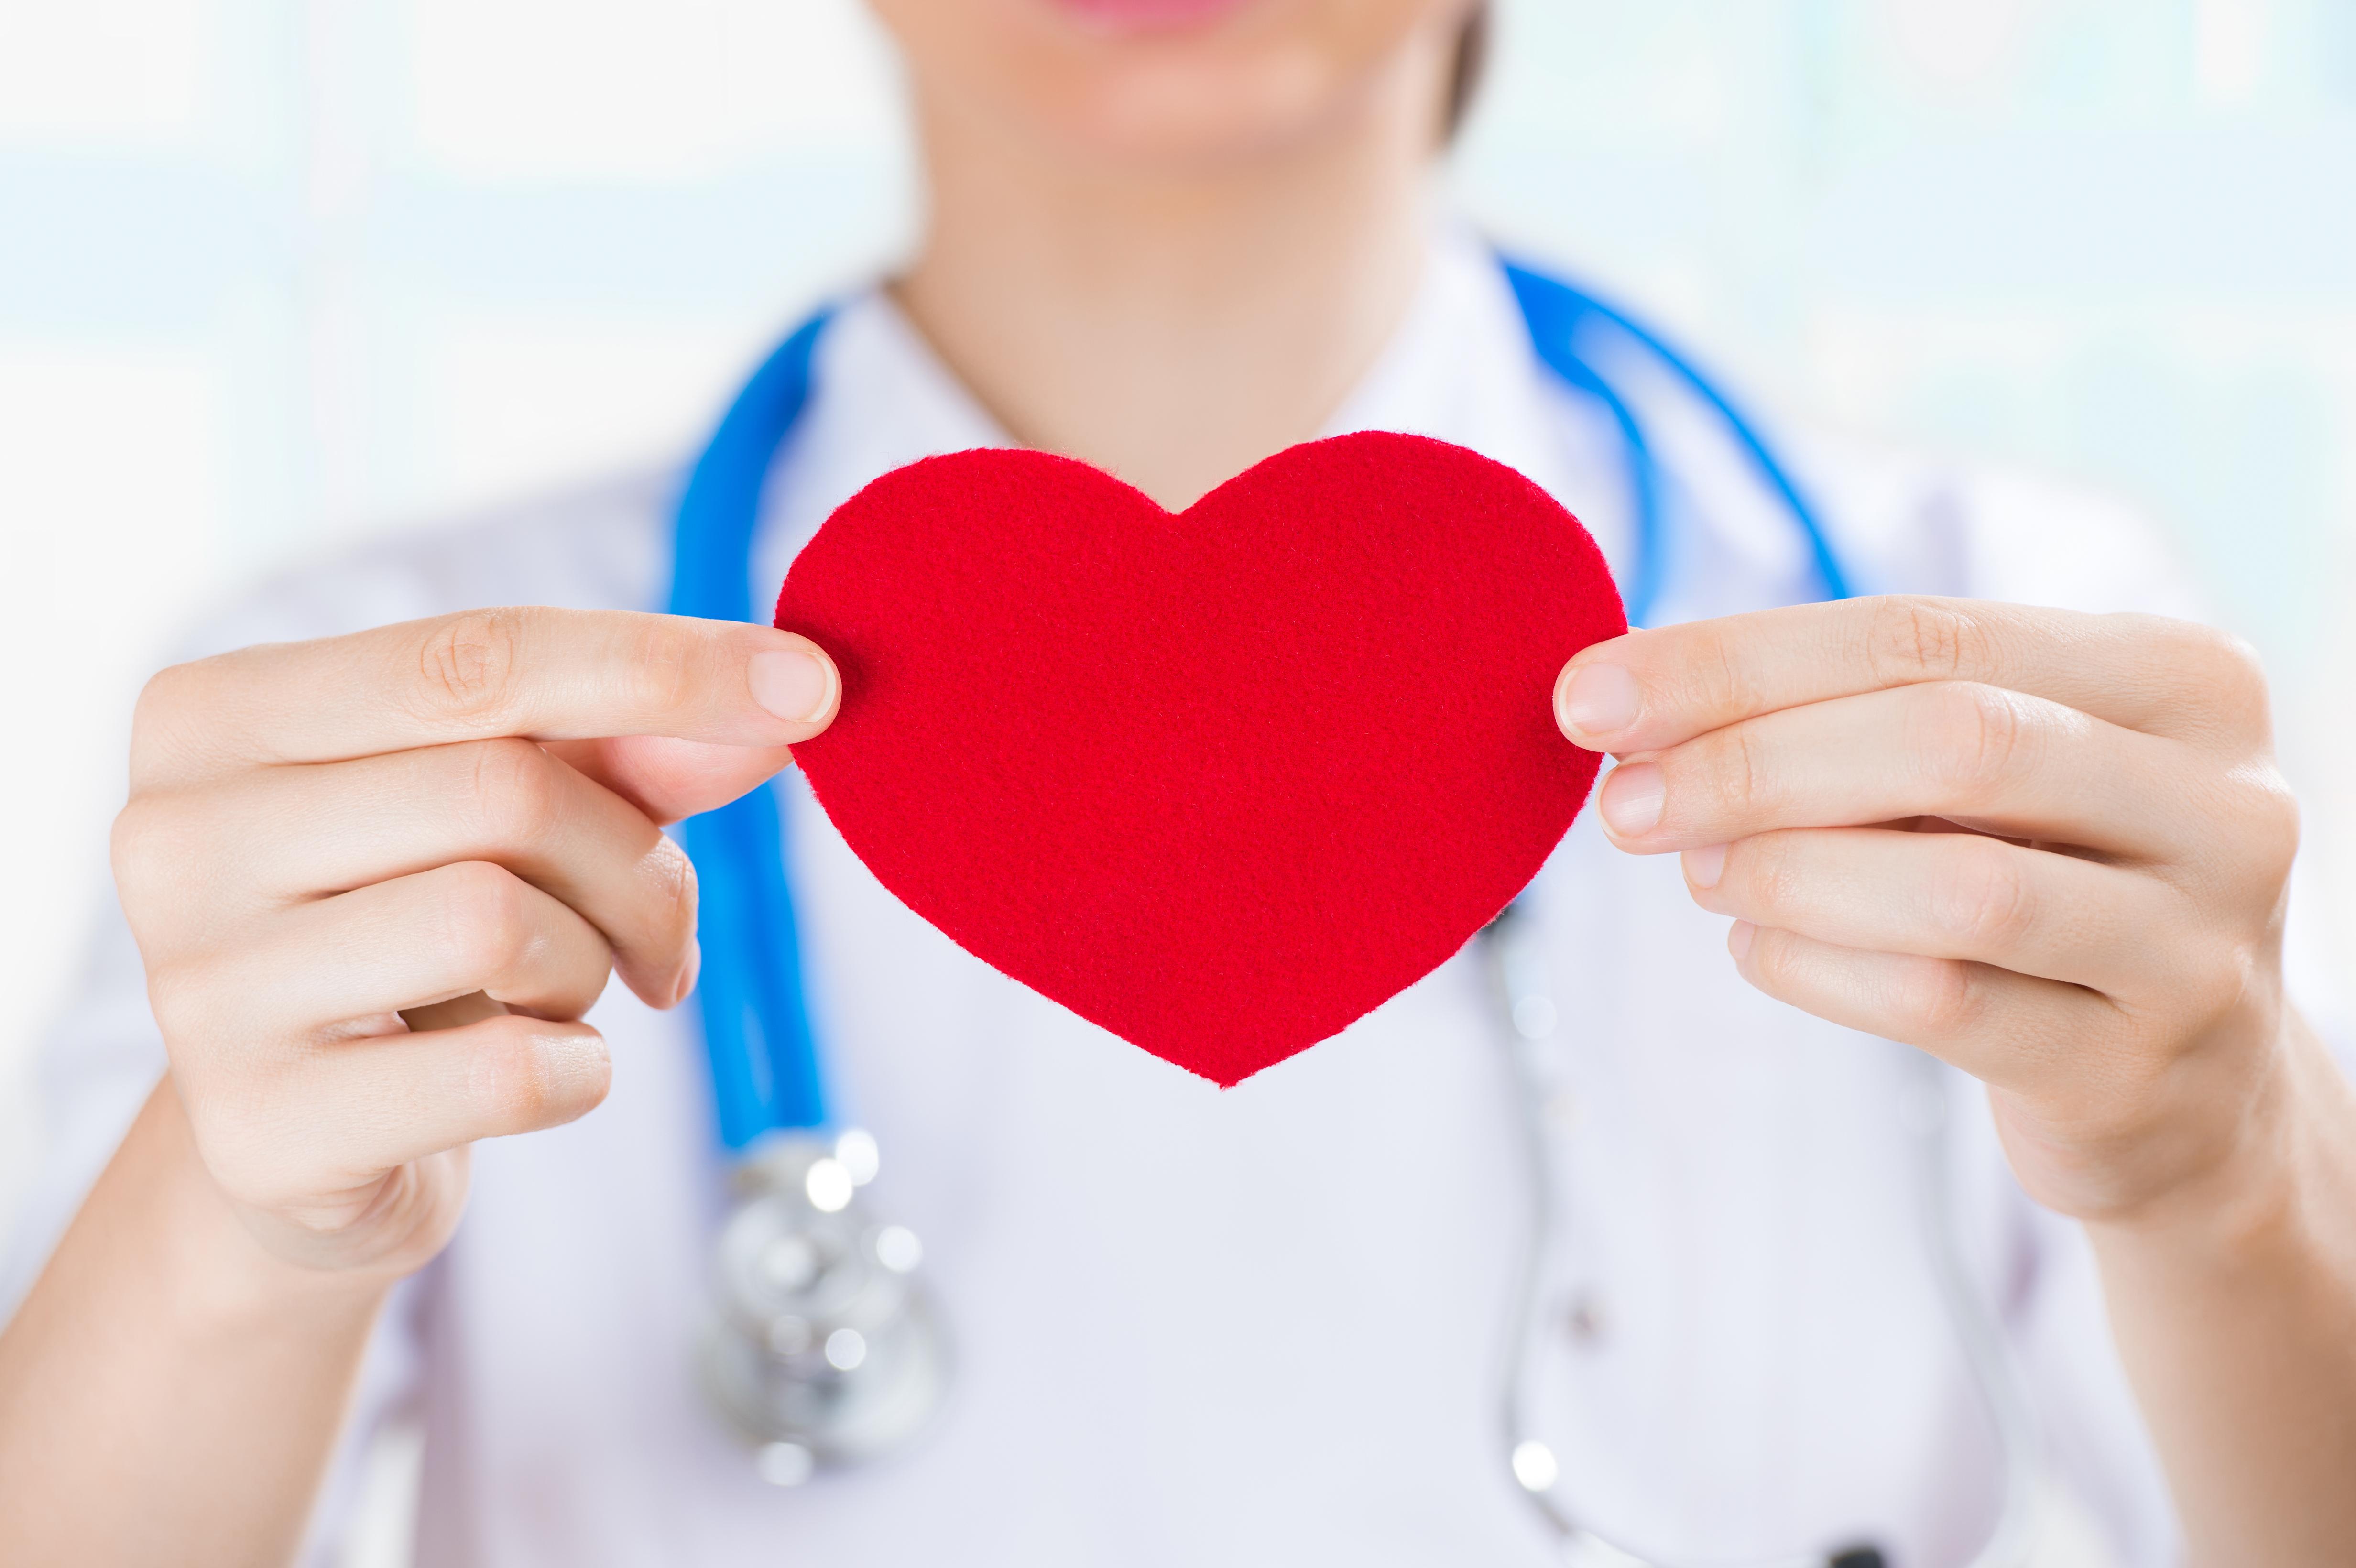 Den nya hjärtkliniken ger patienter som besöker Danderyds sjukhus möjlighet att direkt träffa en hjärtspecialist.